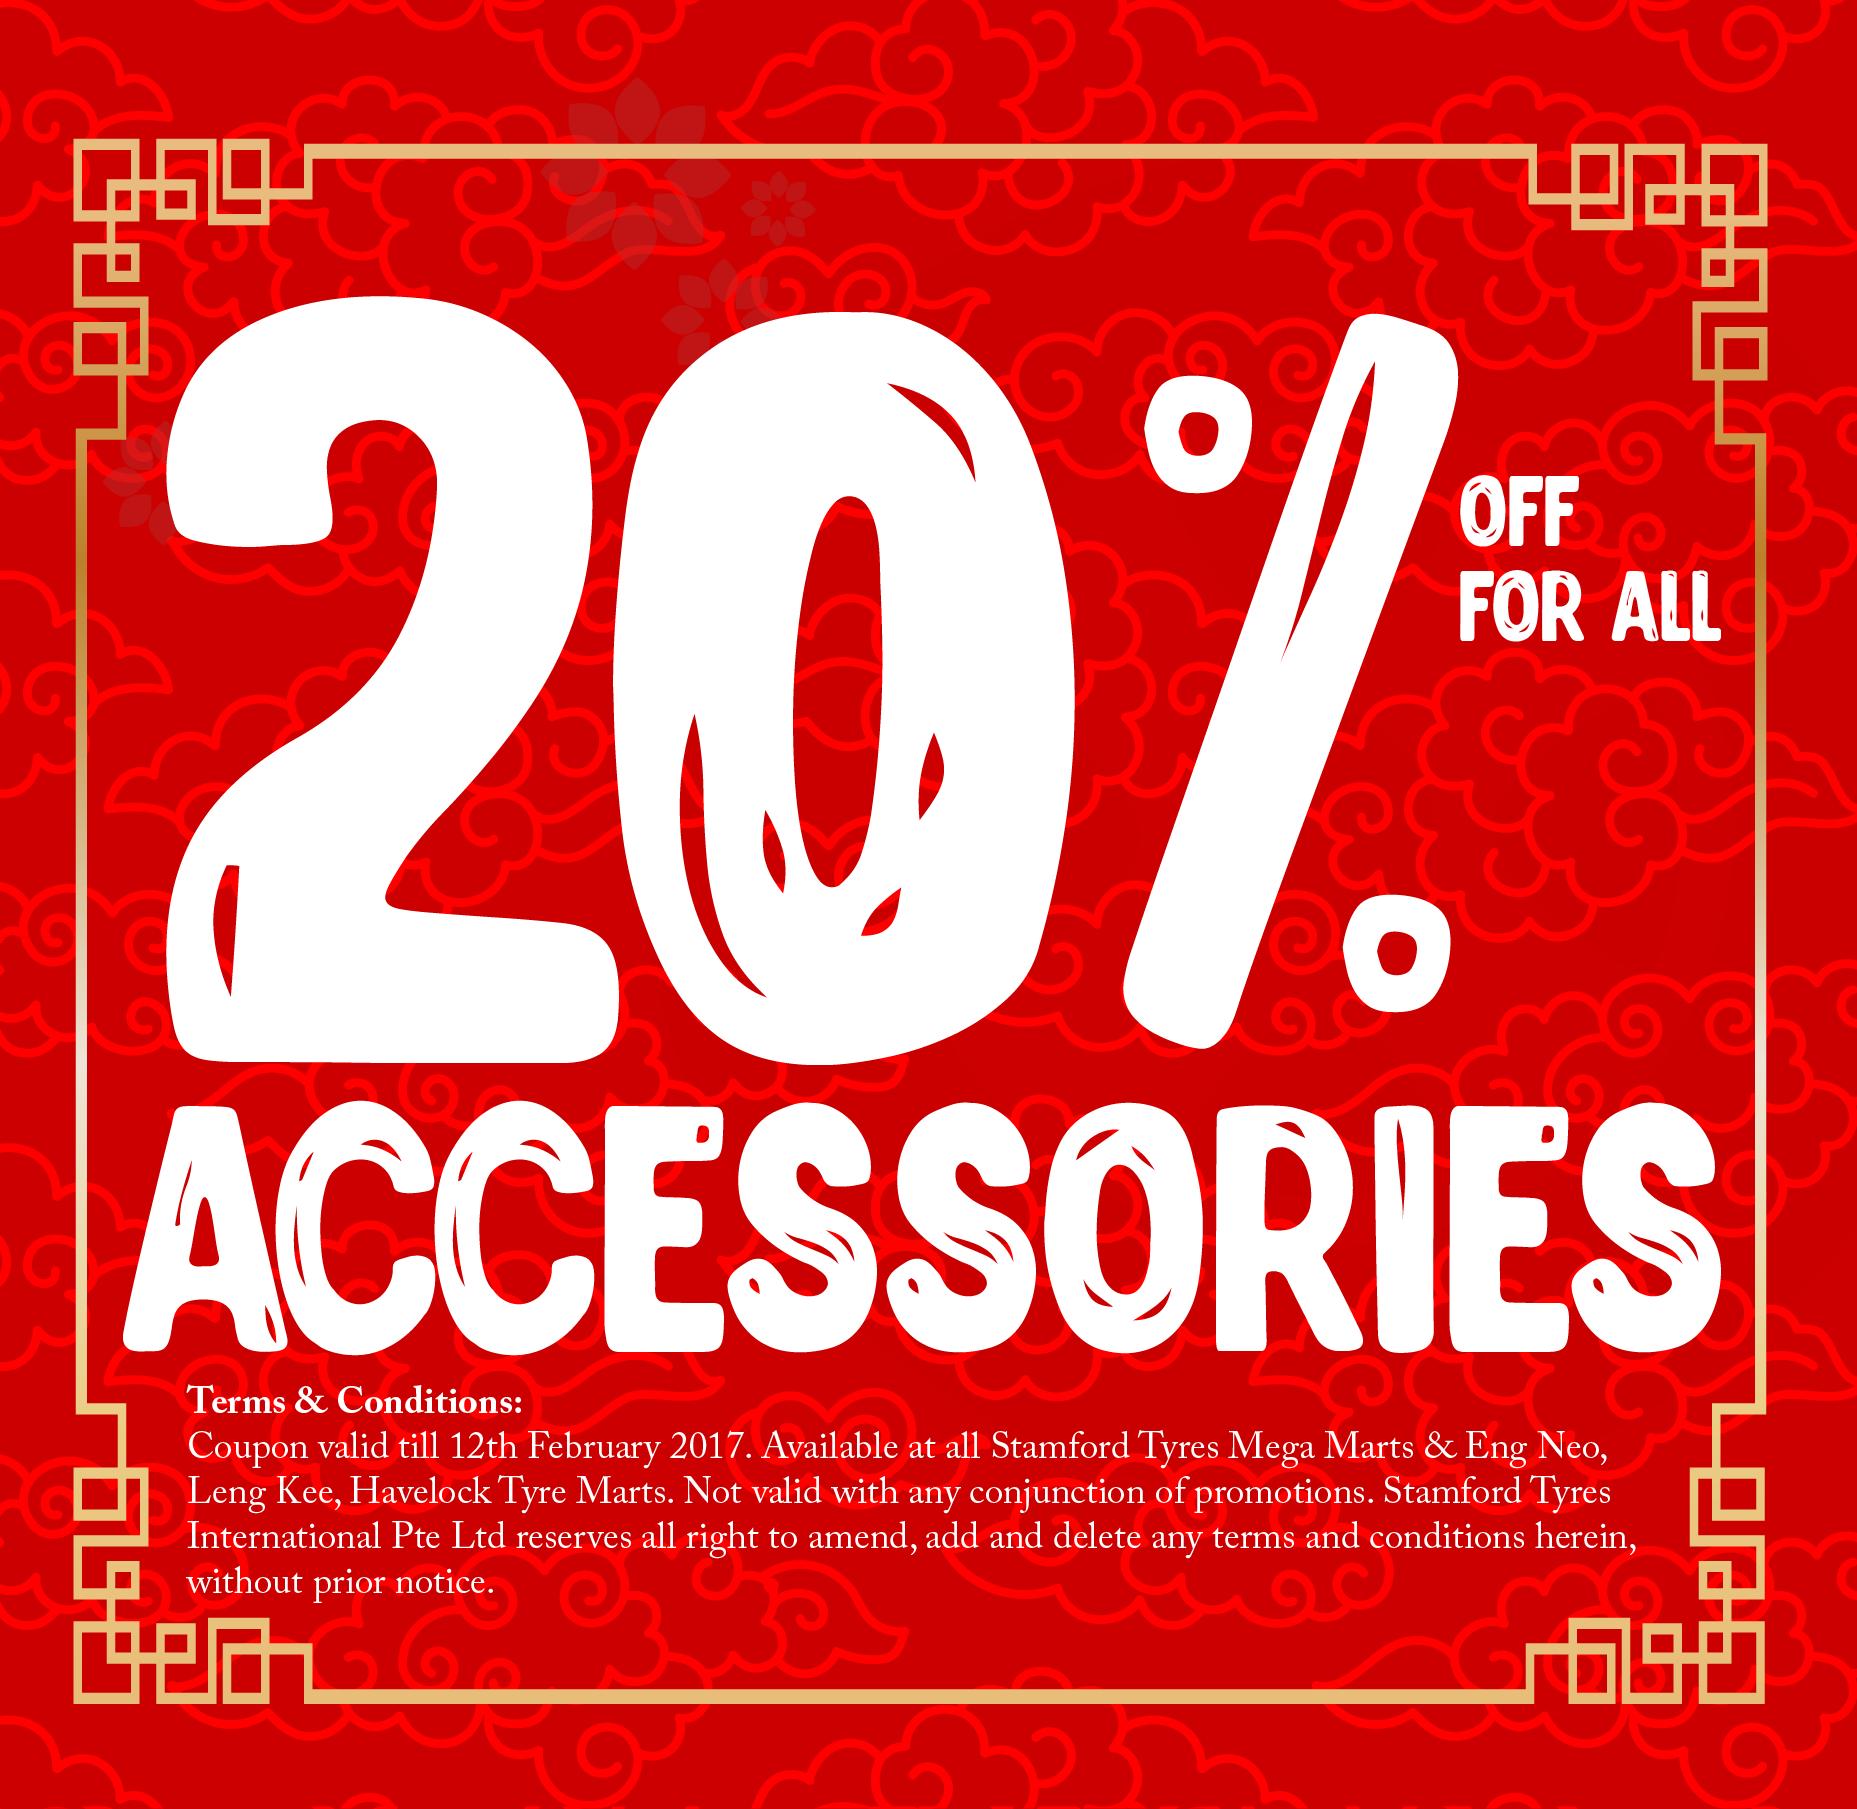 fb-accessories-01